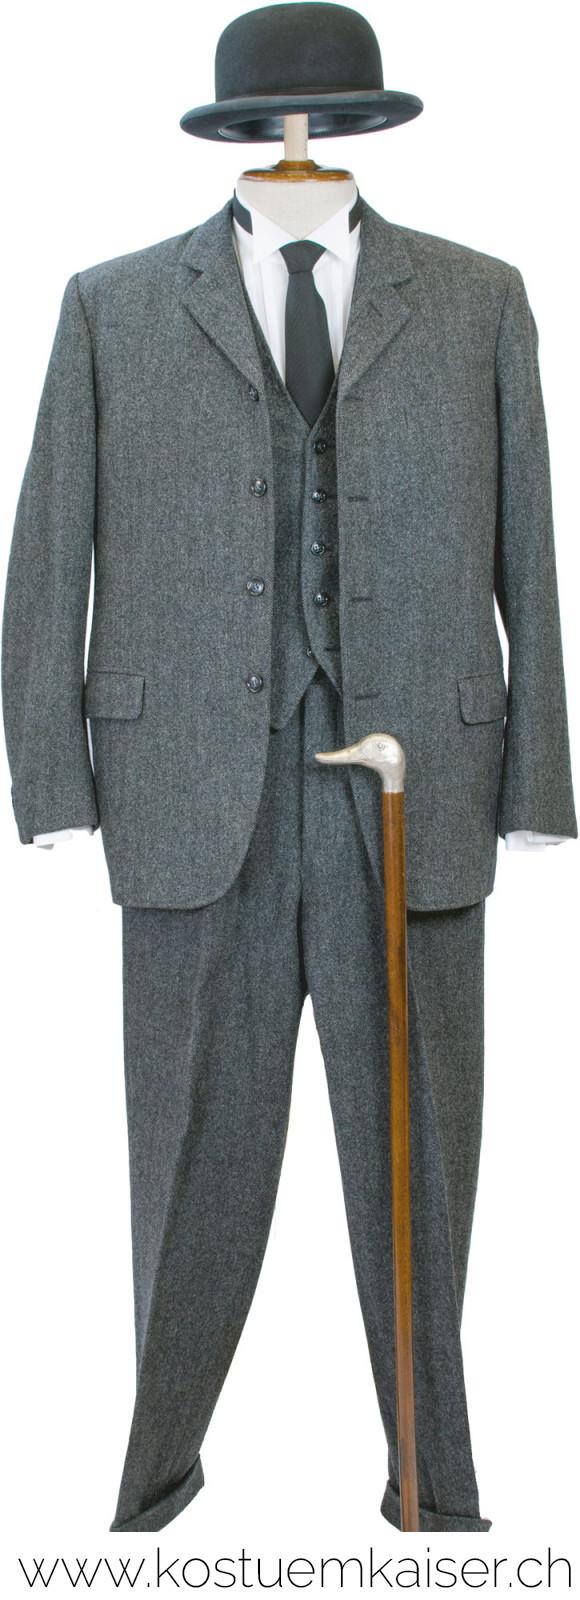 style guide 20. jahrhundert - kostüm kaiser